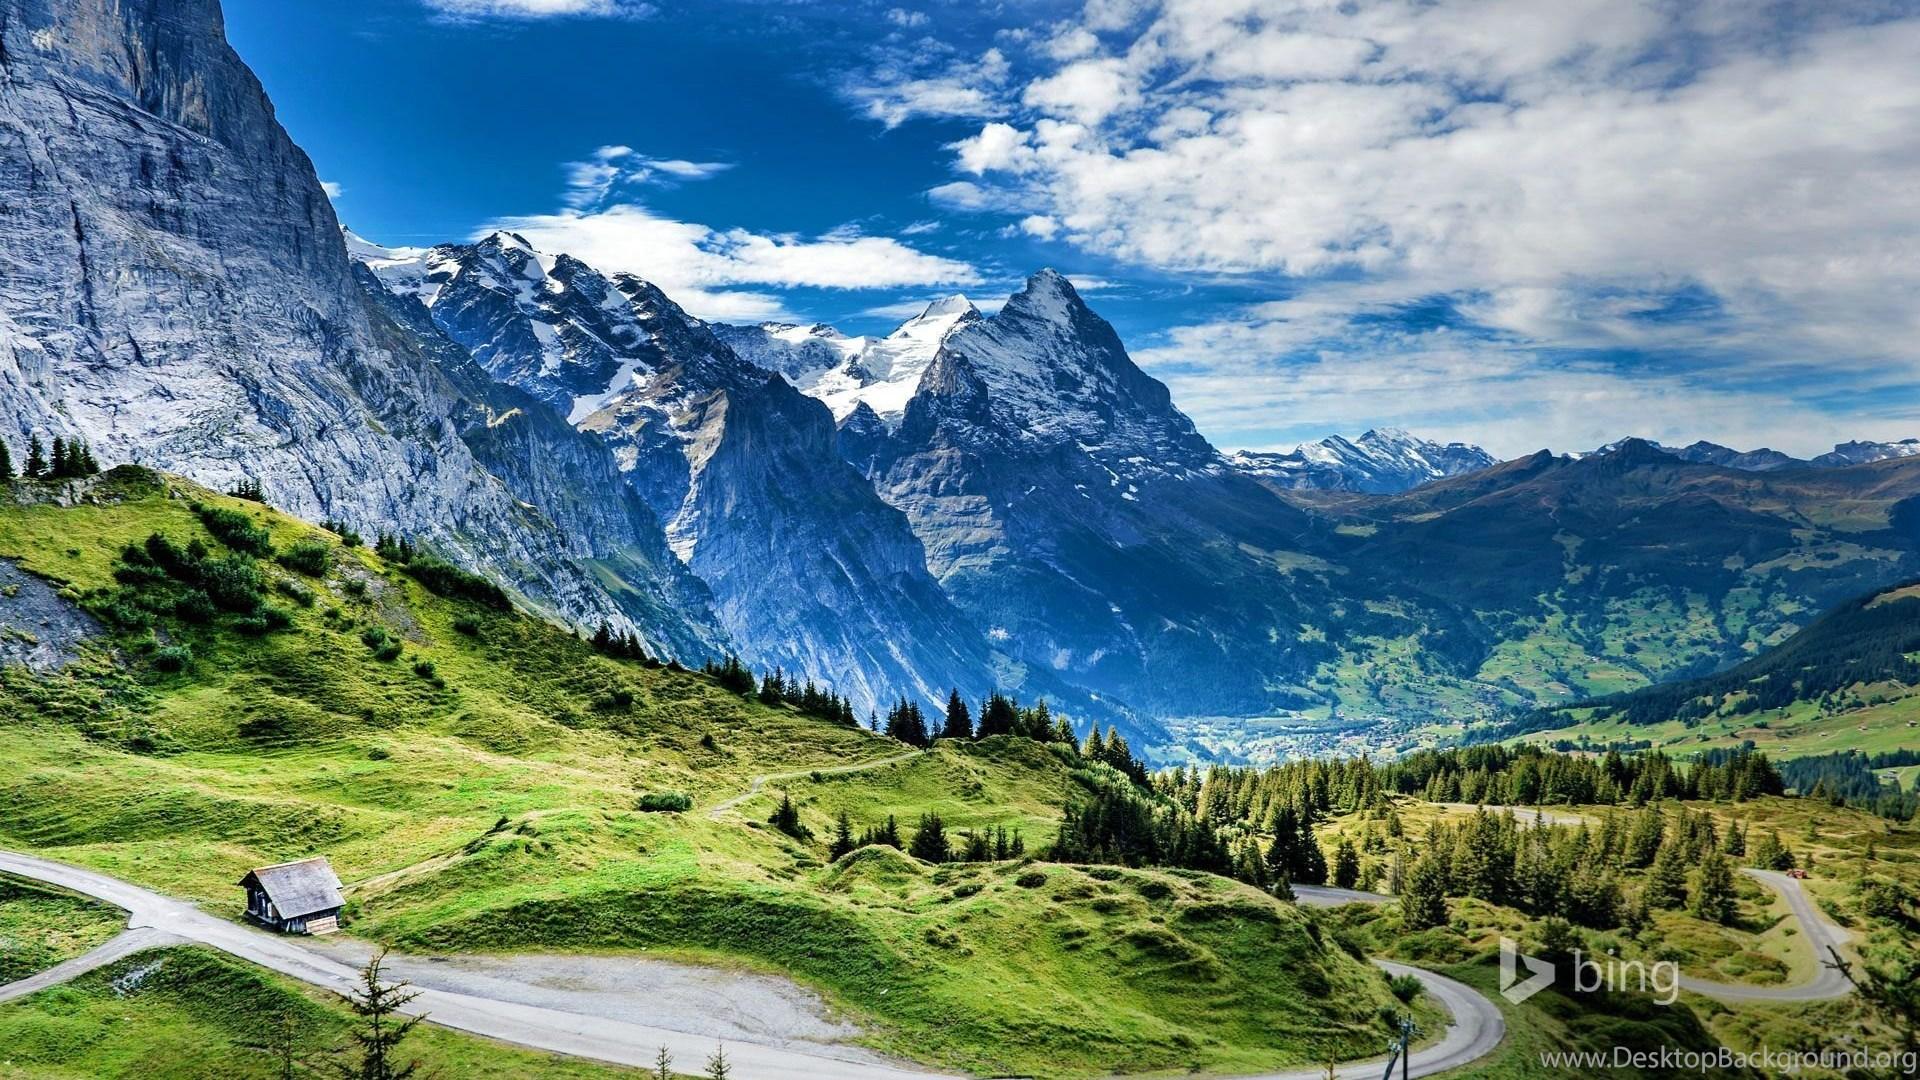 Scheidegg switzerland wallpapers hd download for desktop - Switzerland wallpaper full hd ...